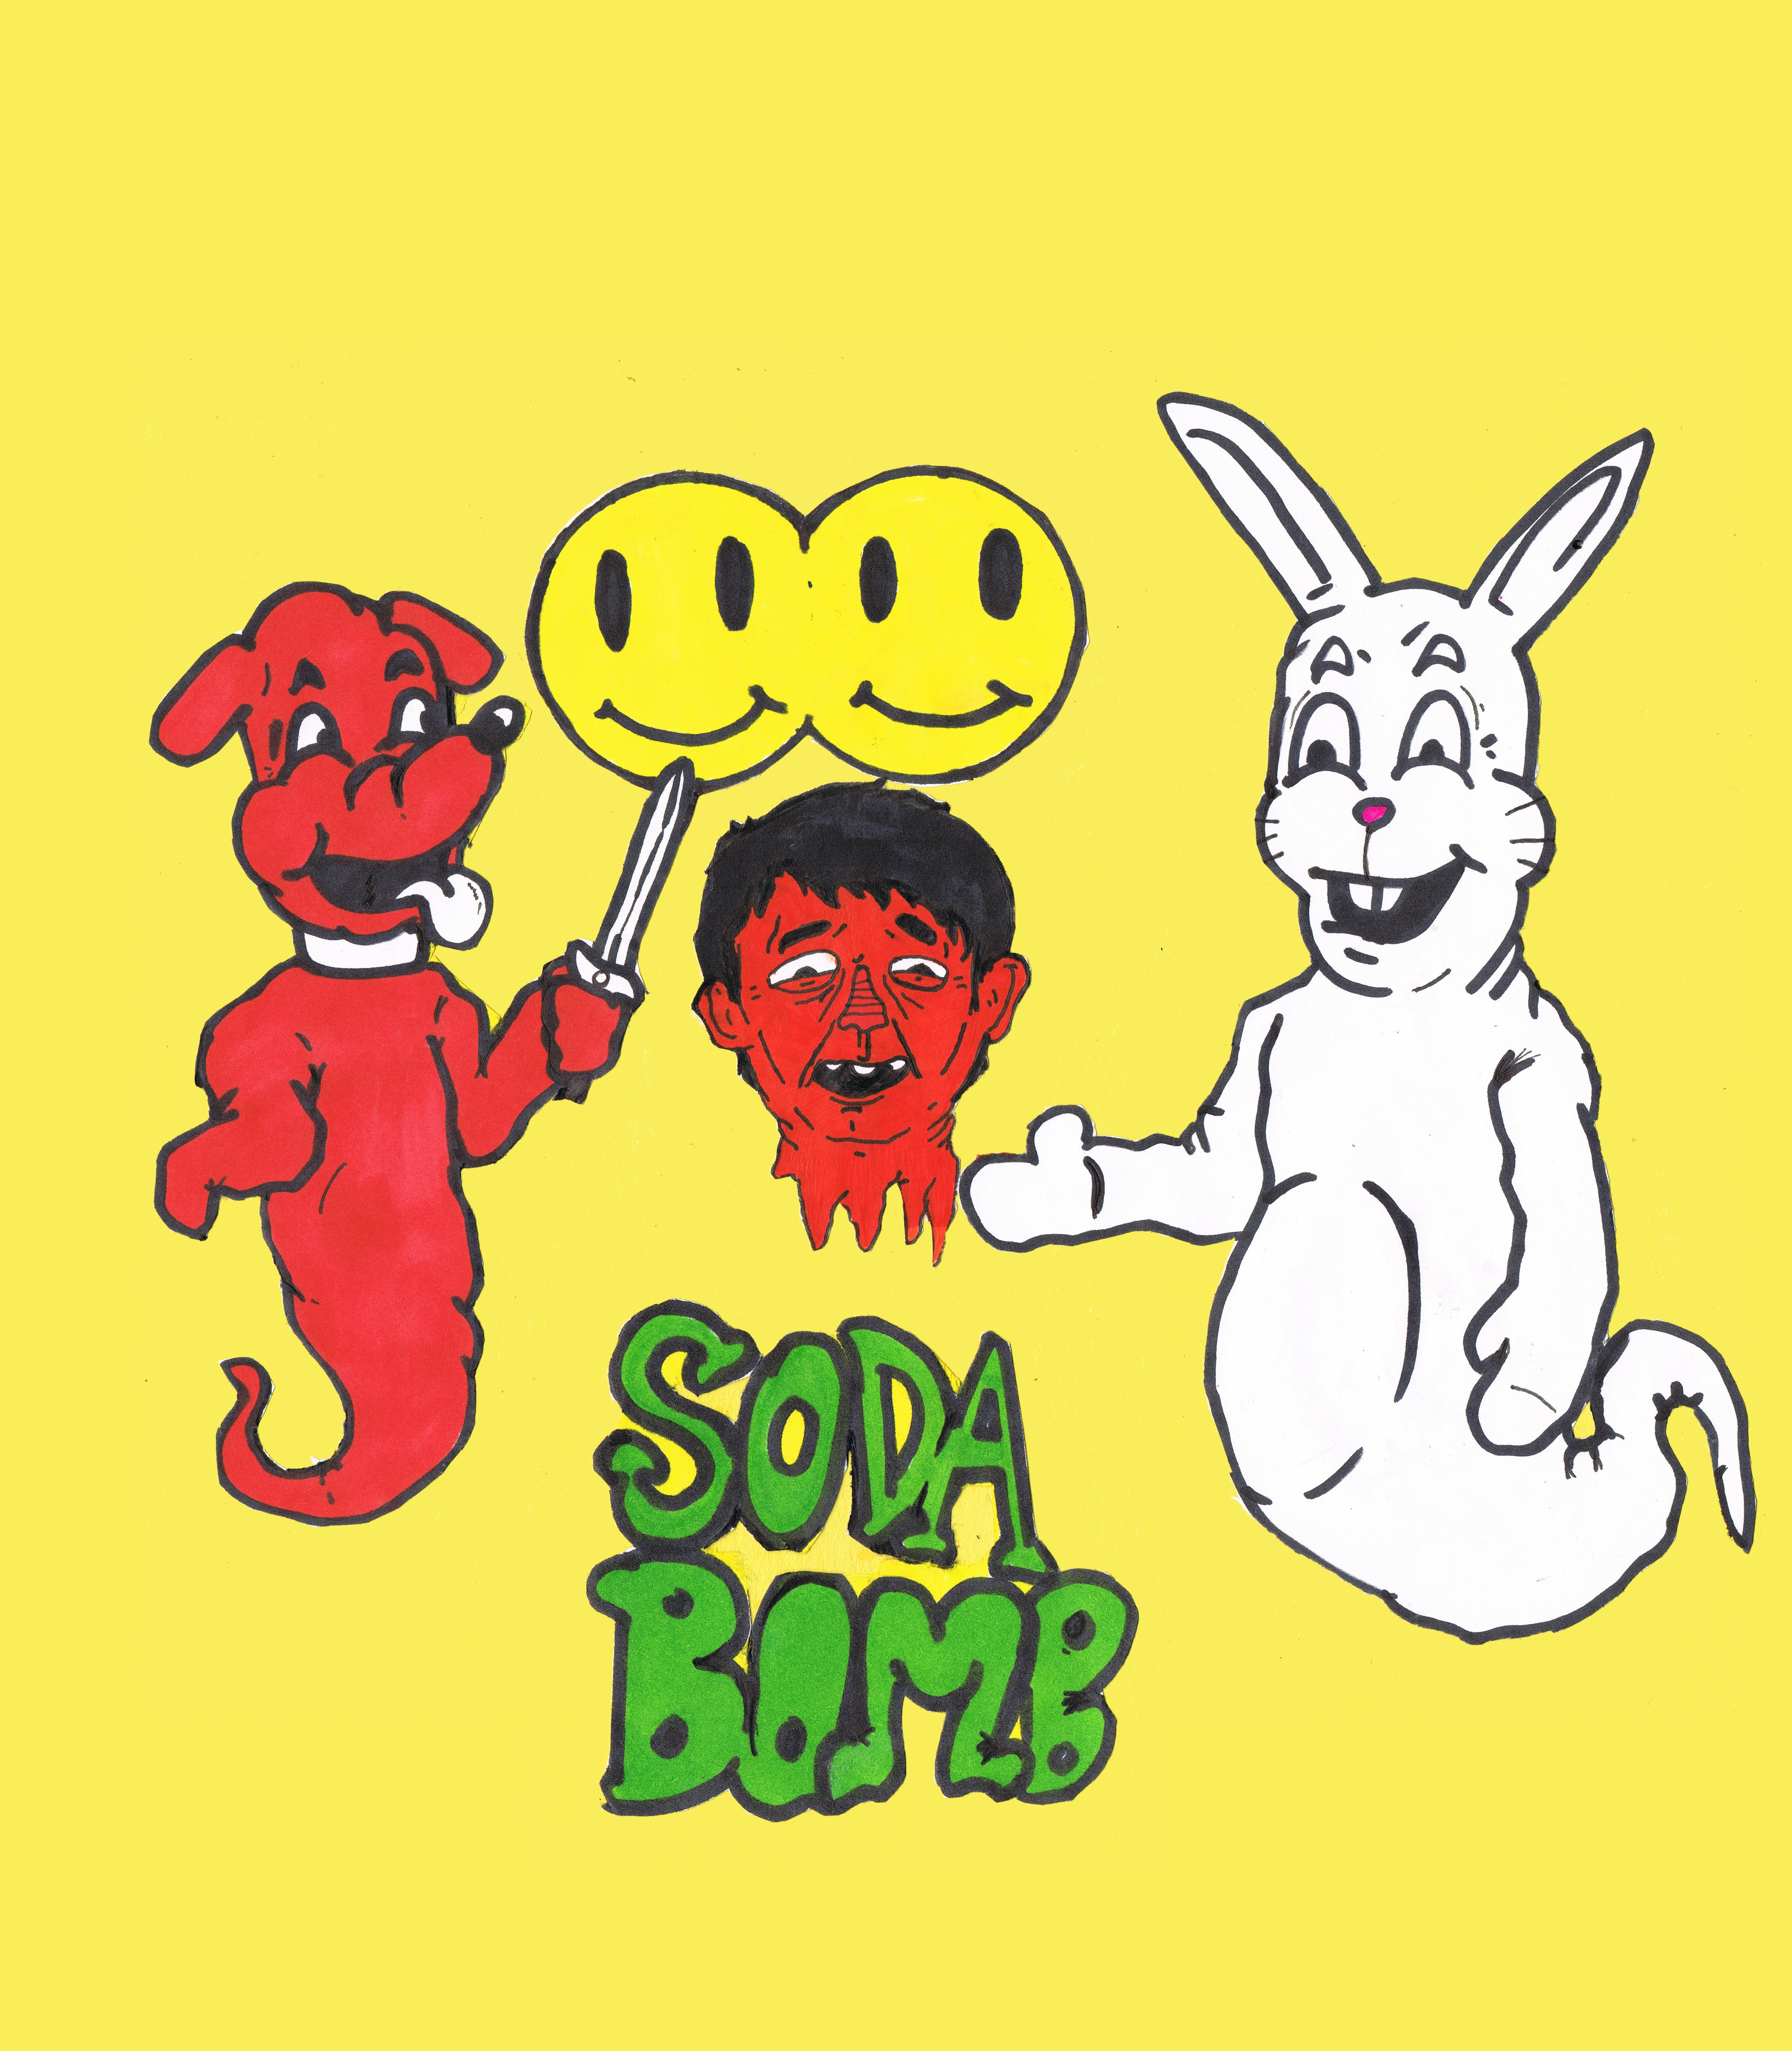 soda bomb 4